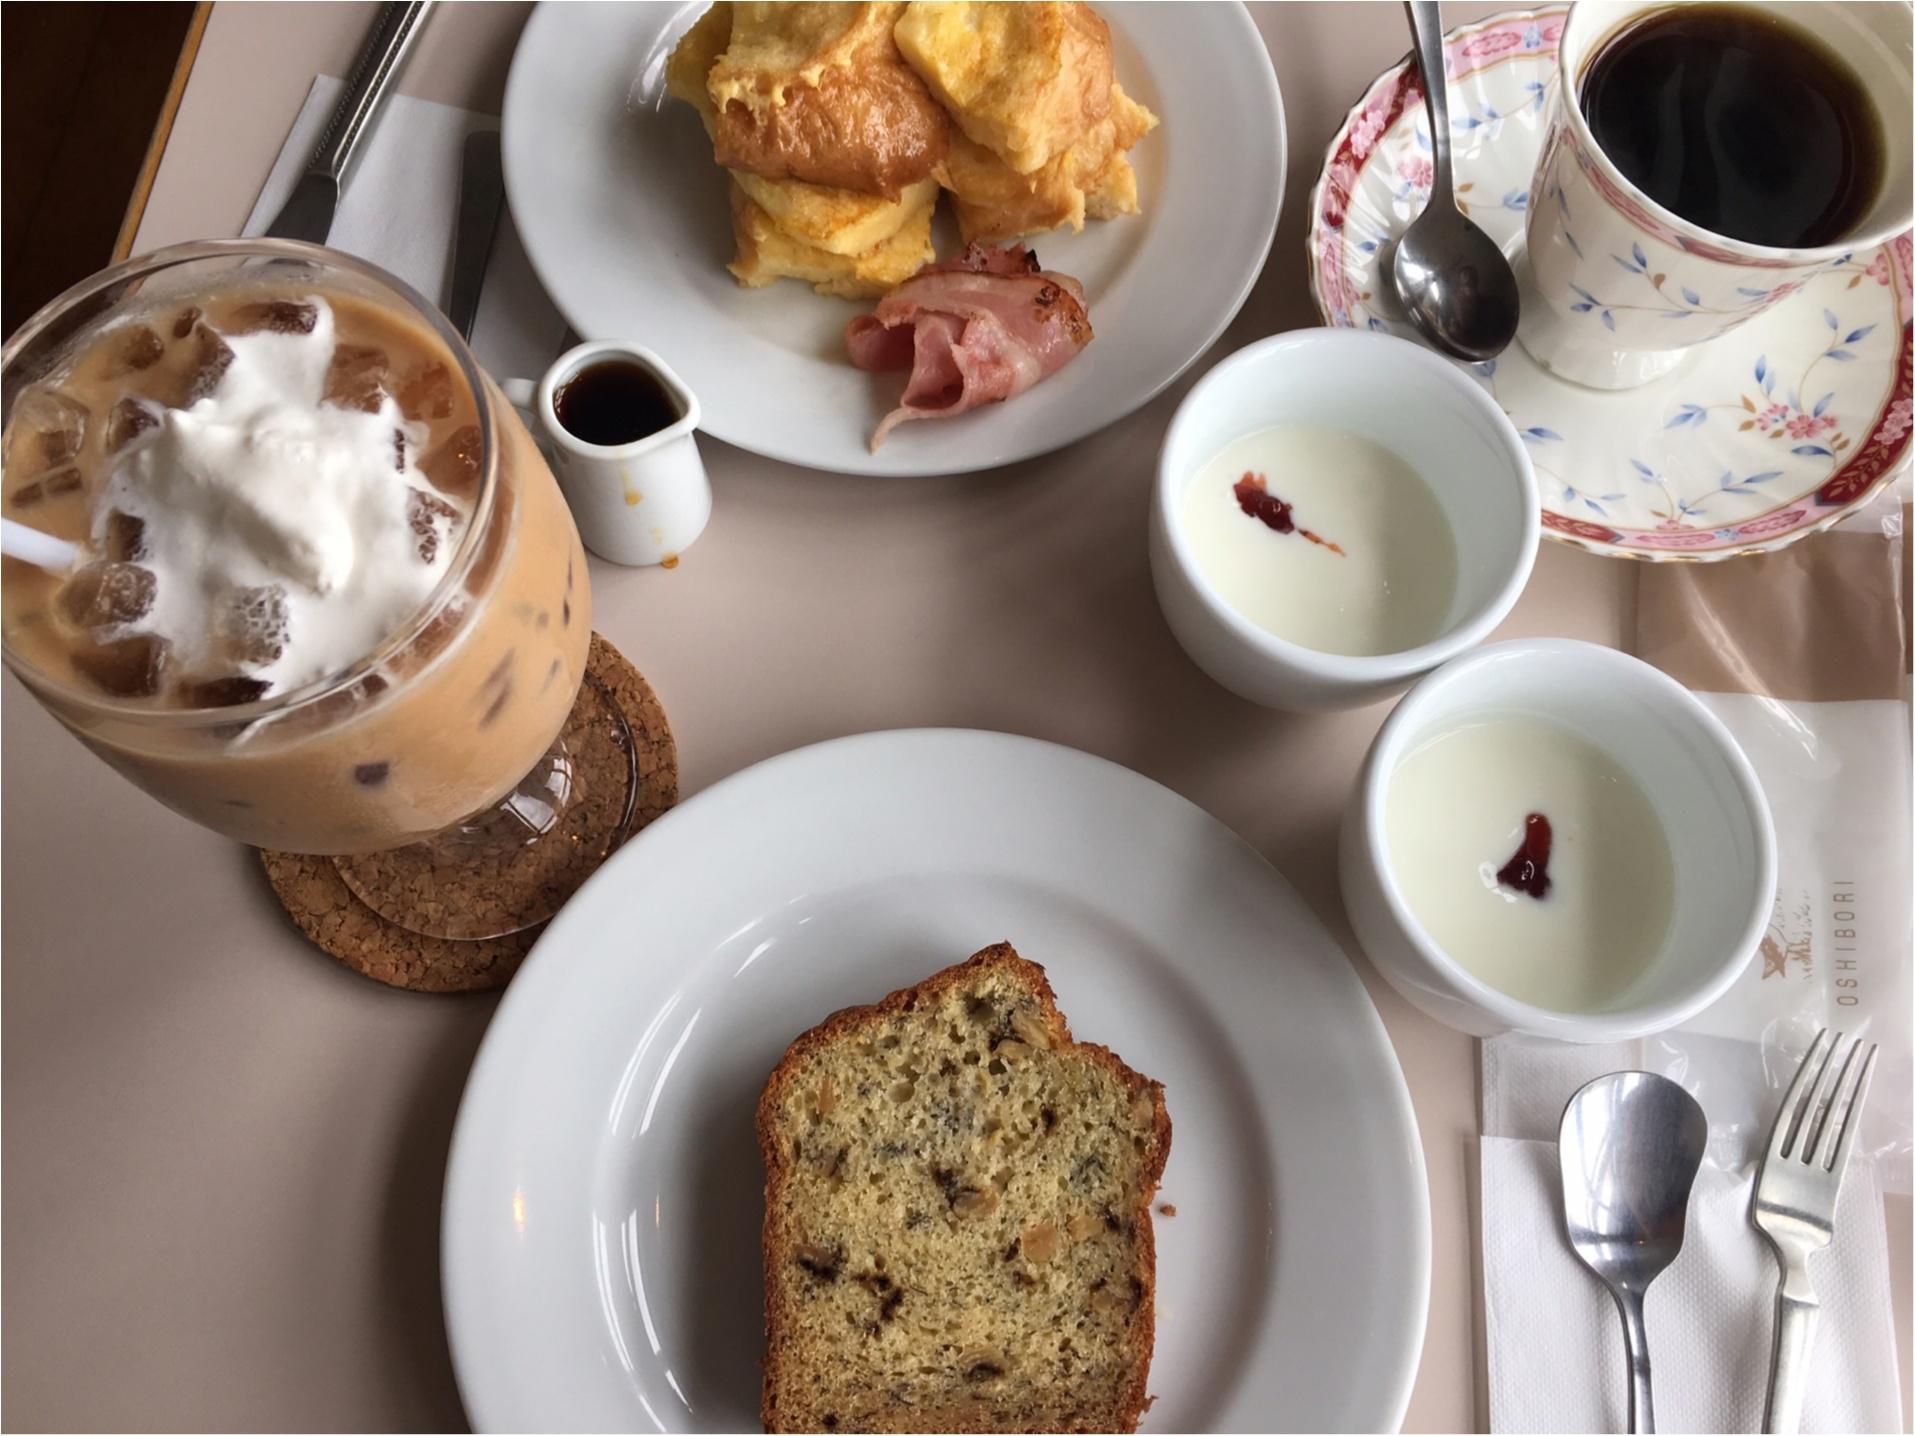 横浜女子旅特集《2019年版》- フォトジェニックな観光スポットから、日本一分厚いパンケーキなど魅力がいっぱい!_37